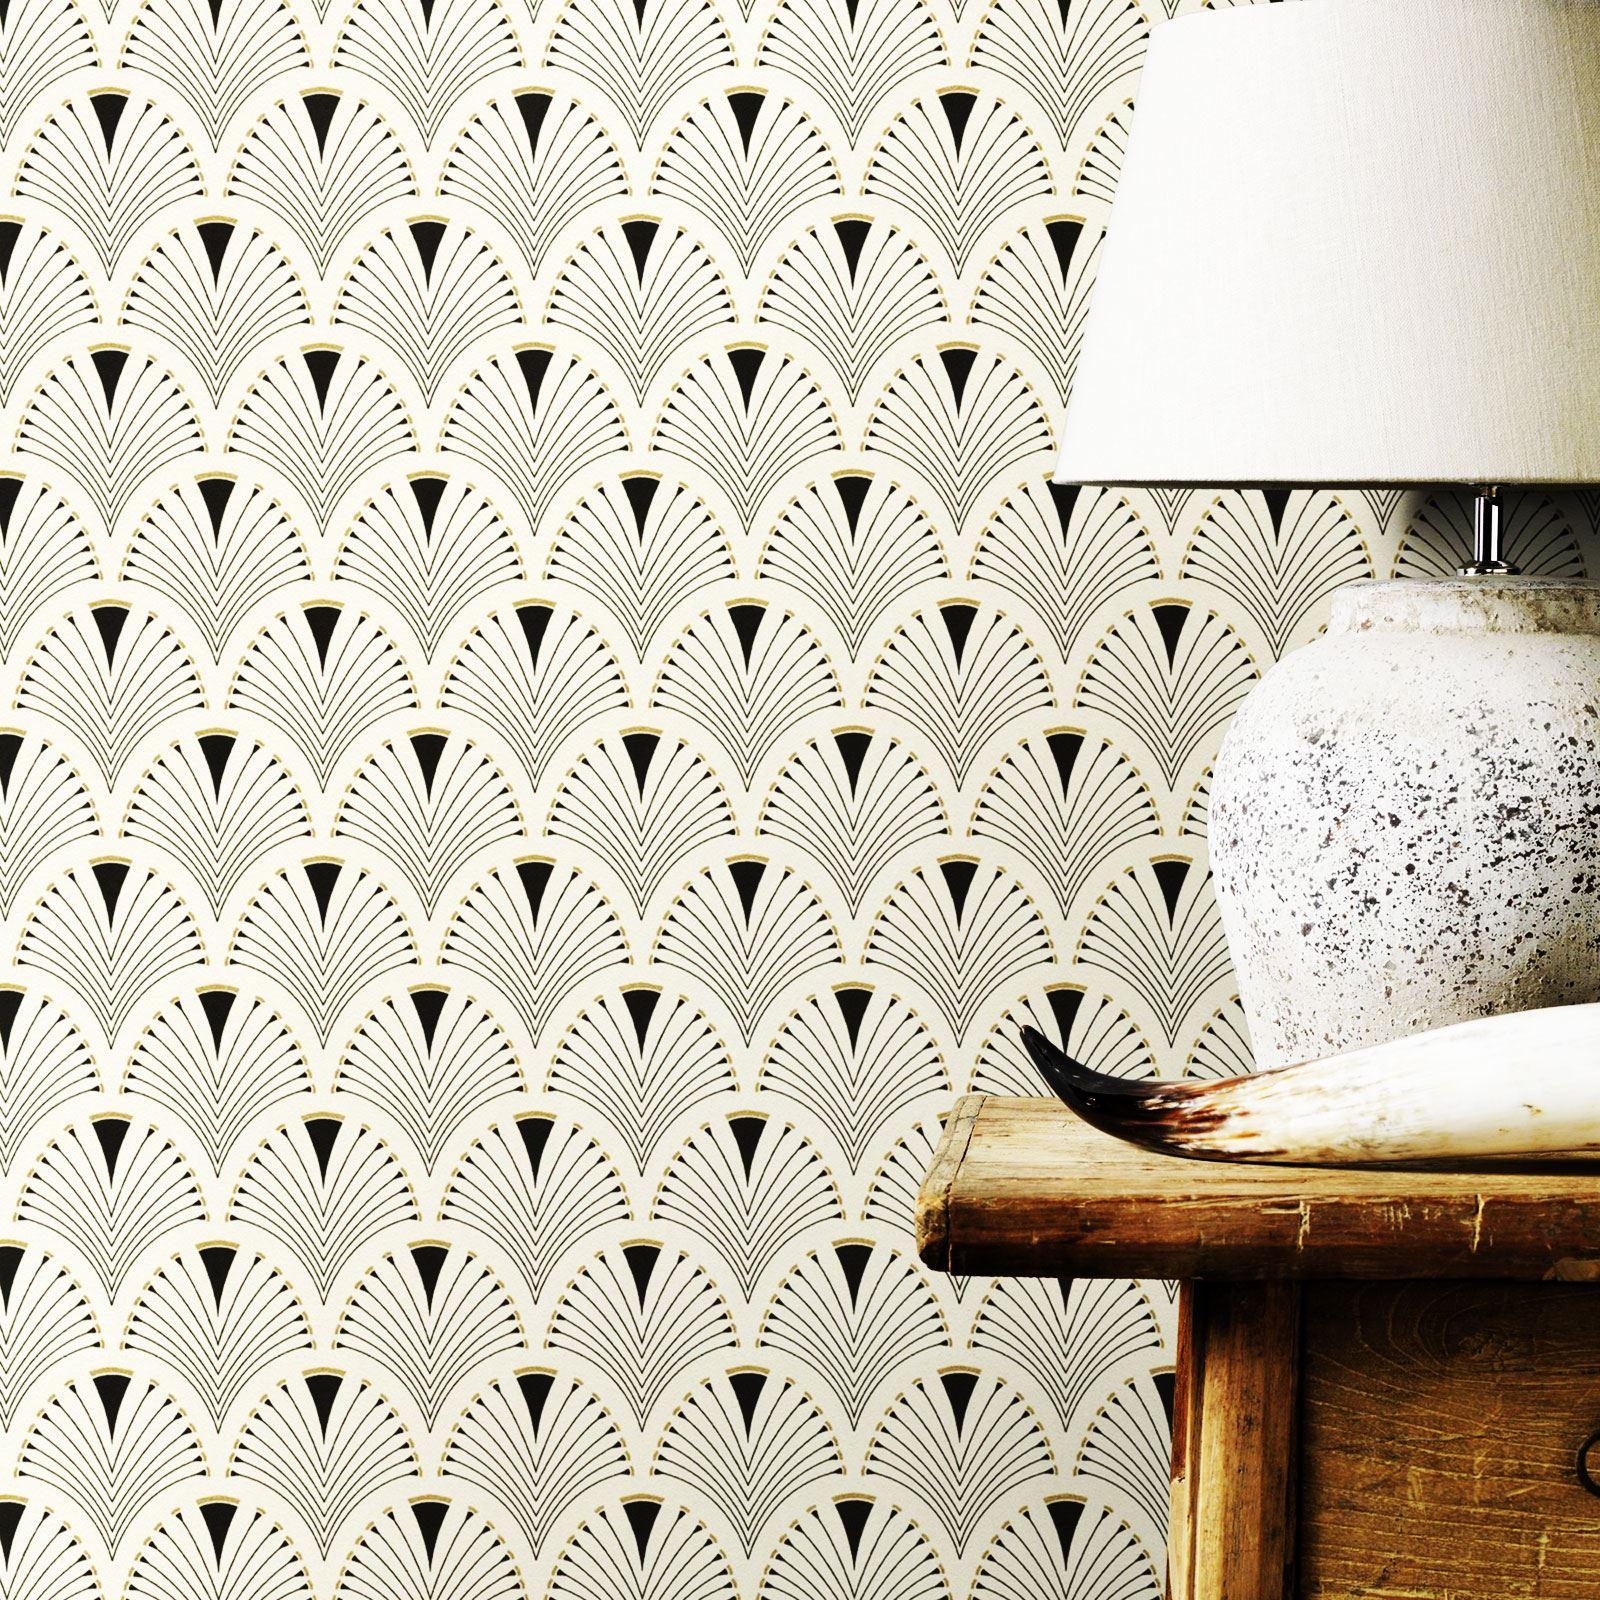 rasch moderne art d co ventilateur papier peint chatoyant. Black Bedroom Furniture Sets. Home Design Ideas